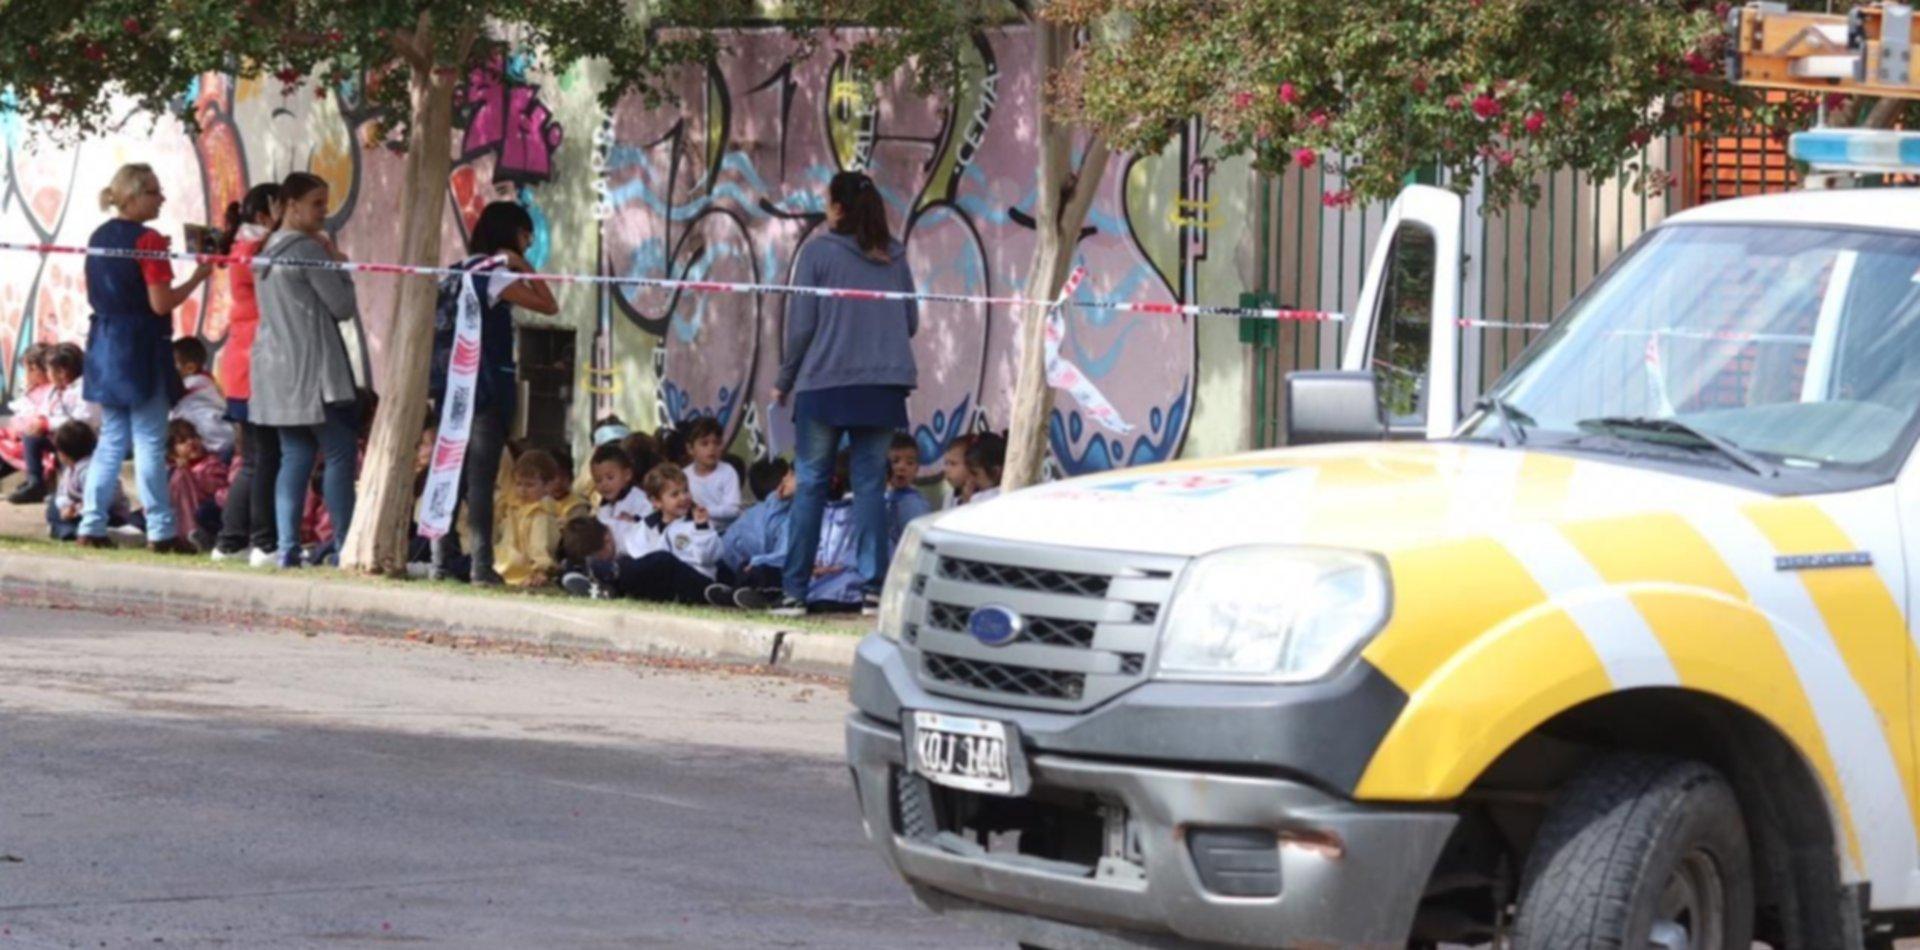 Volvieron las amenazas de bomba a Berisso: evacuaron una escuela por un nuevo llamado